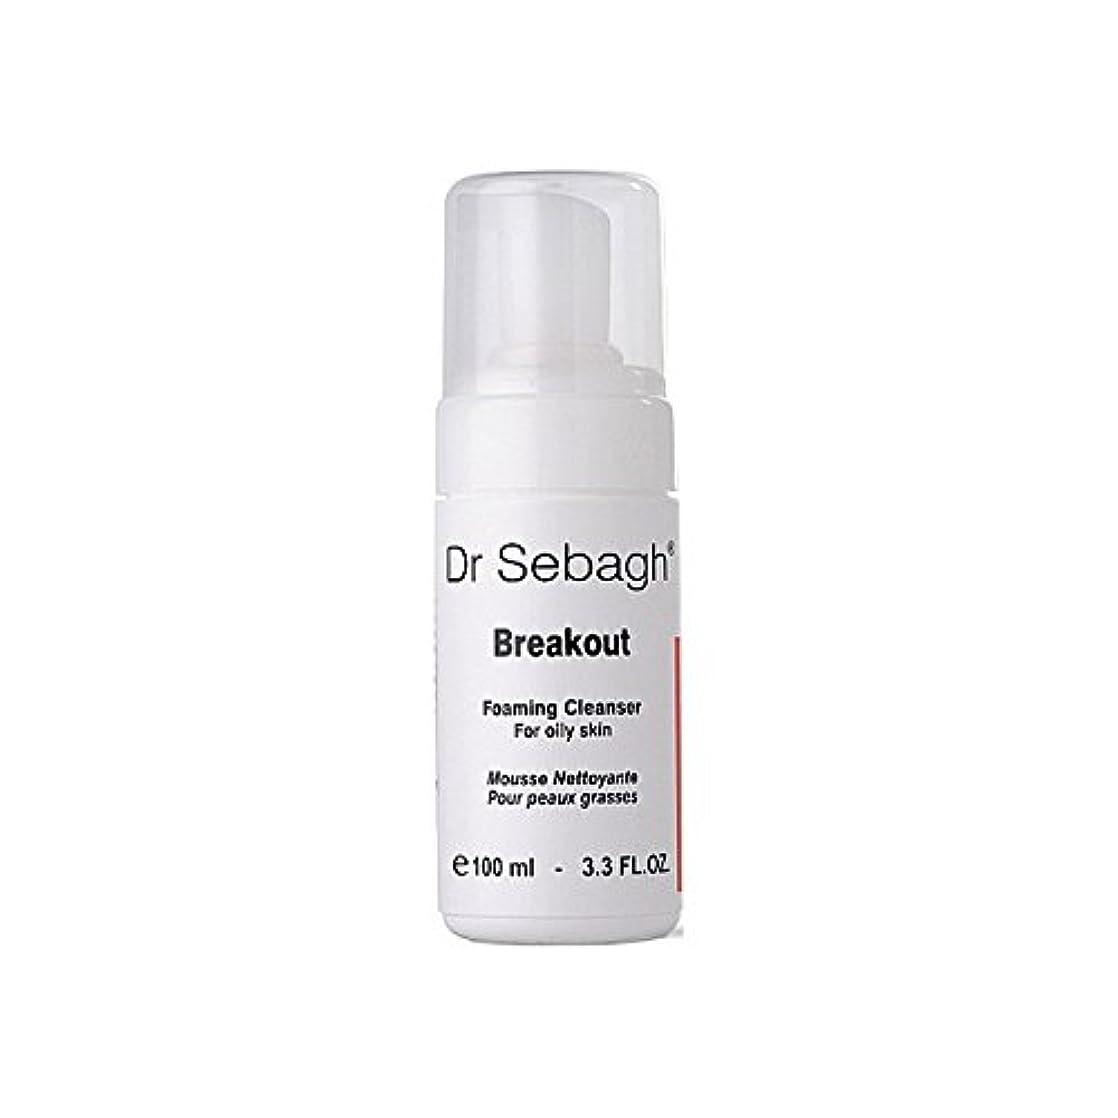 羨望イライラする膿瘍Dr Sebagh Breakout Foaming Cleanser - クレンザーを発泡の のブレイクアウト [並行輸入品]